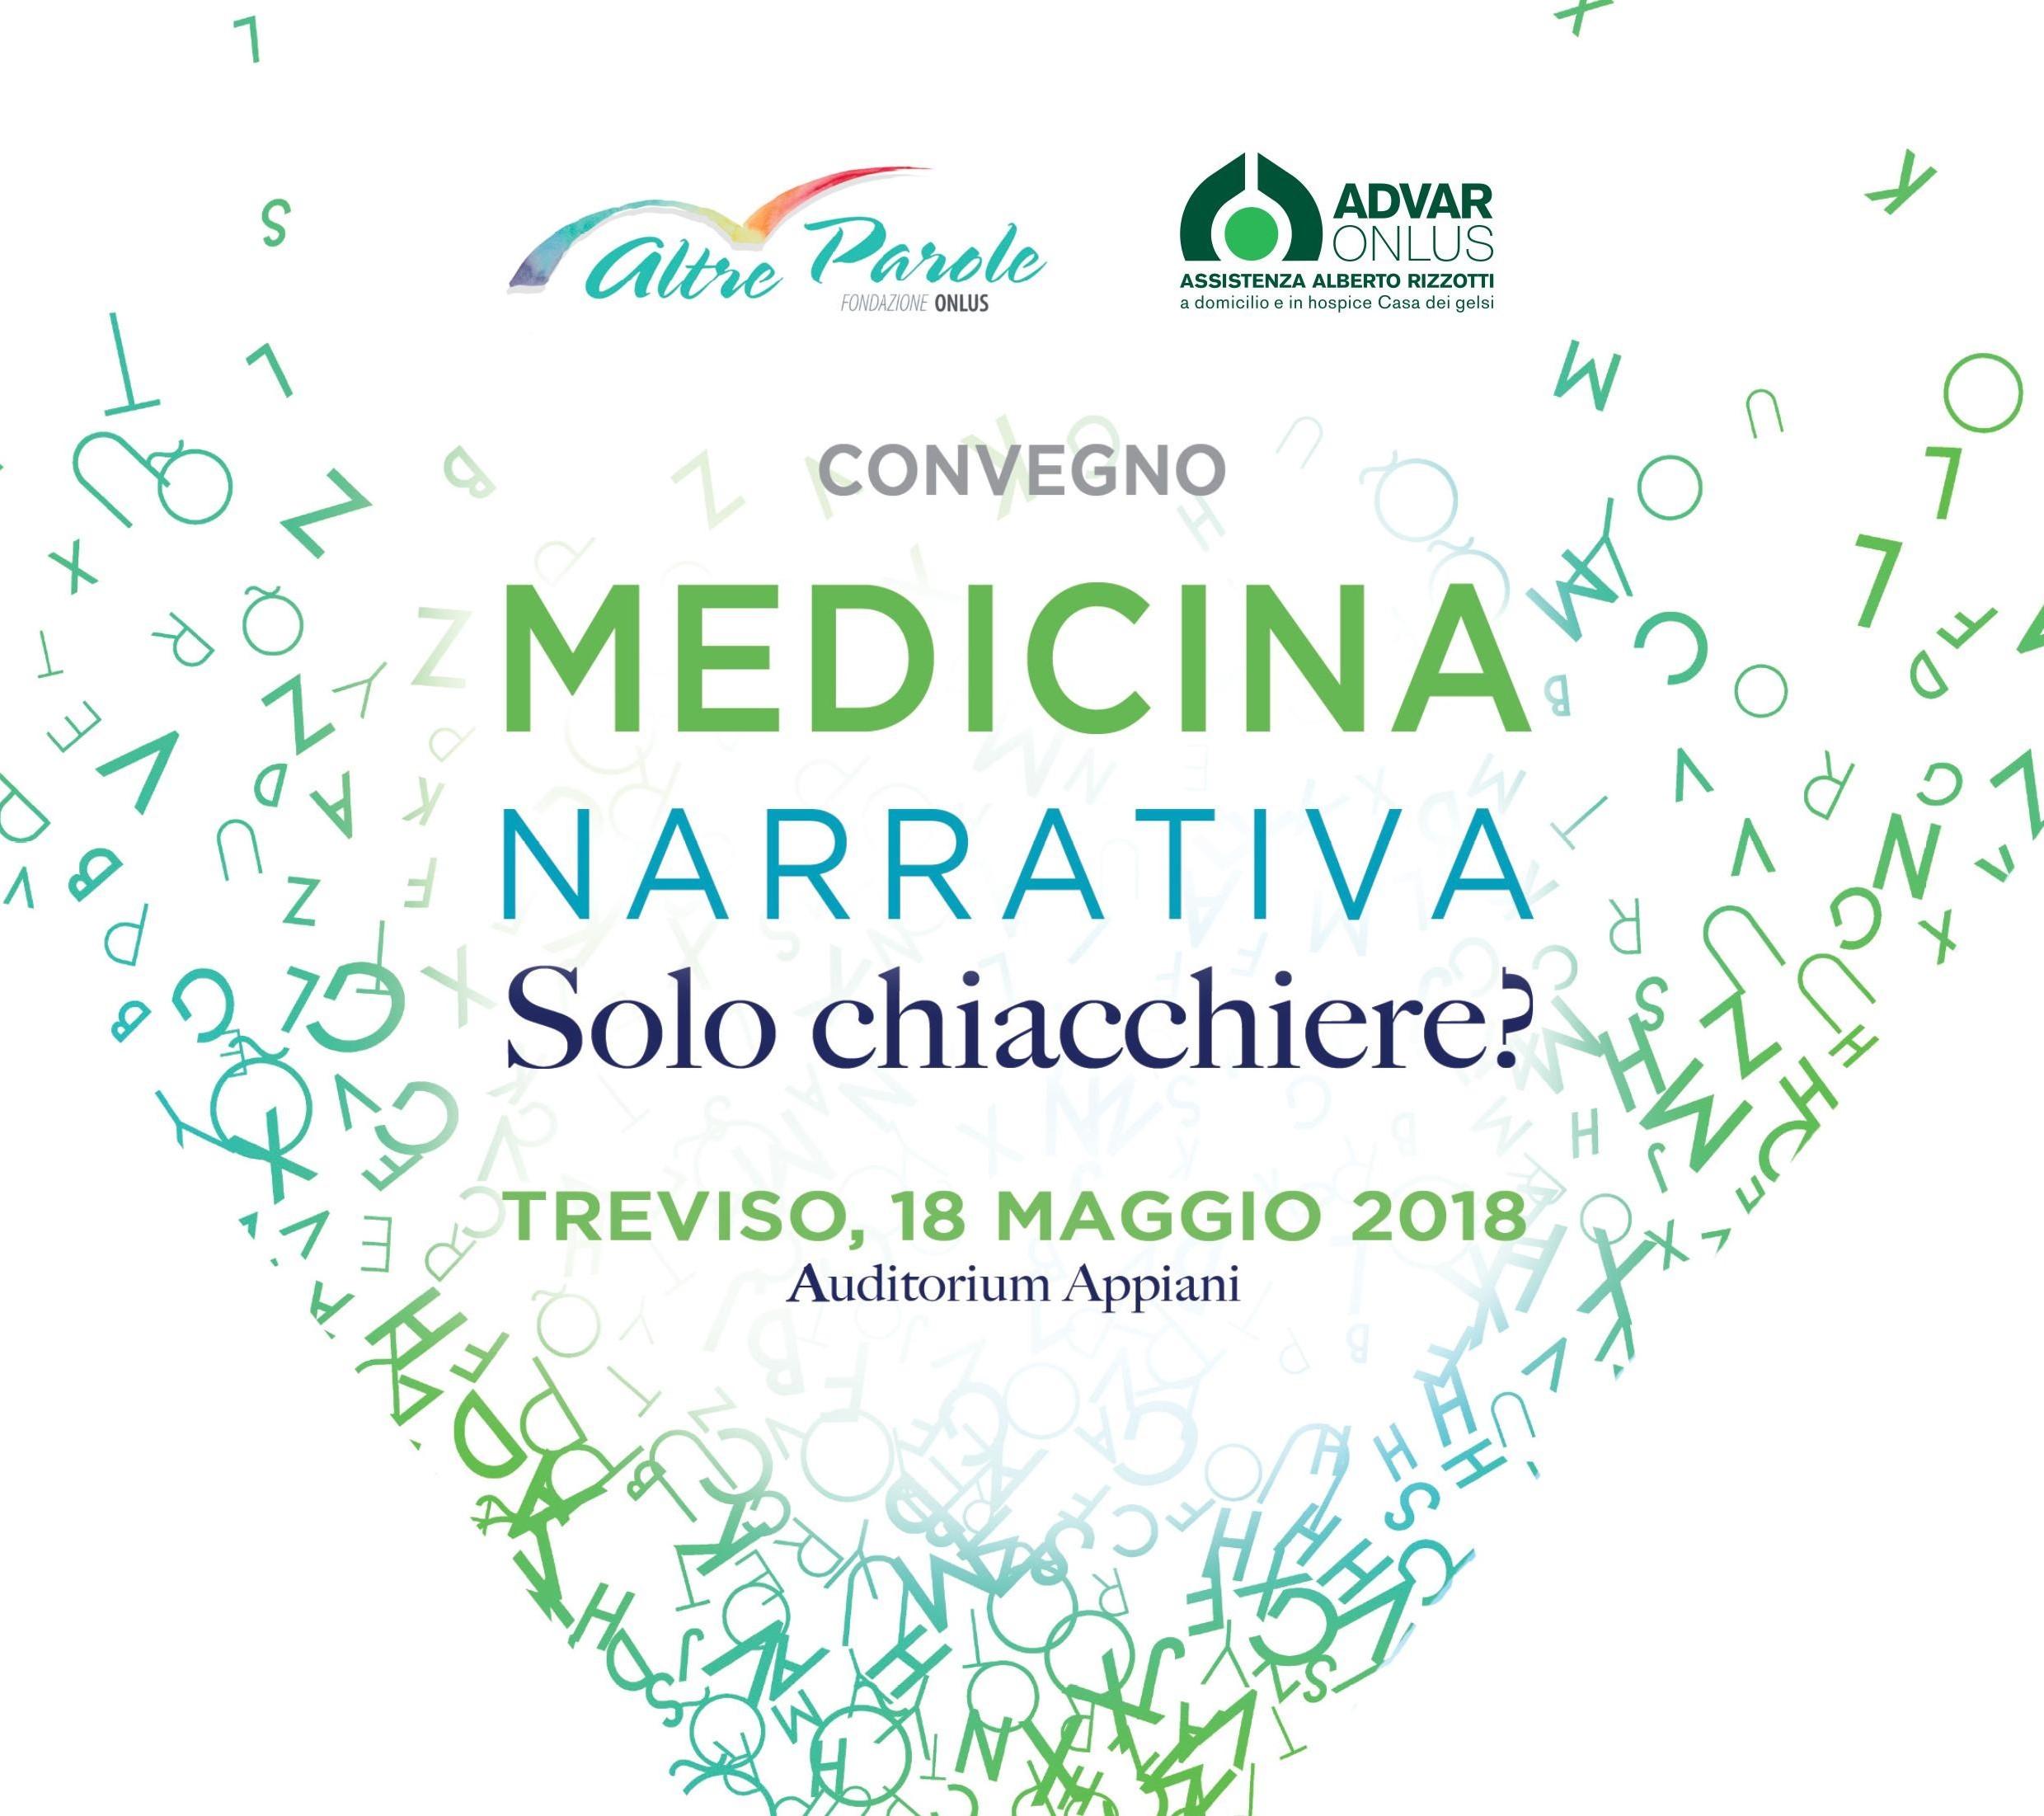 MEDICINA NARRATIVA SOLO CHIACCHERE Fondazione Altre Parole lus